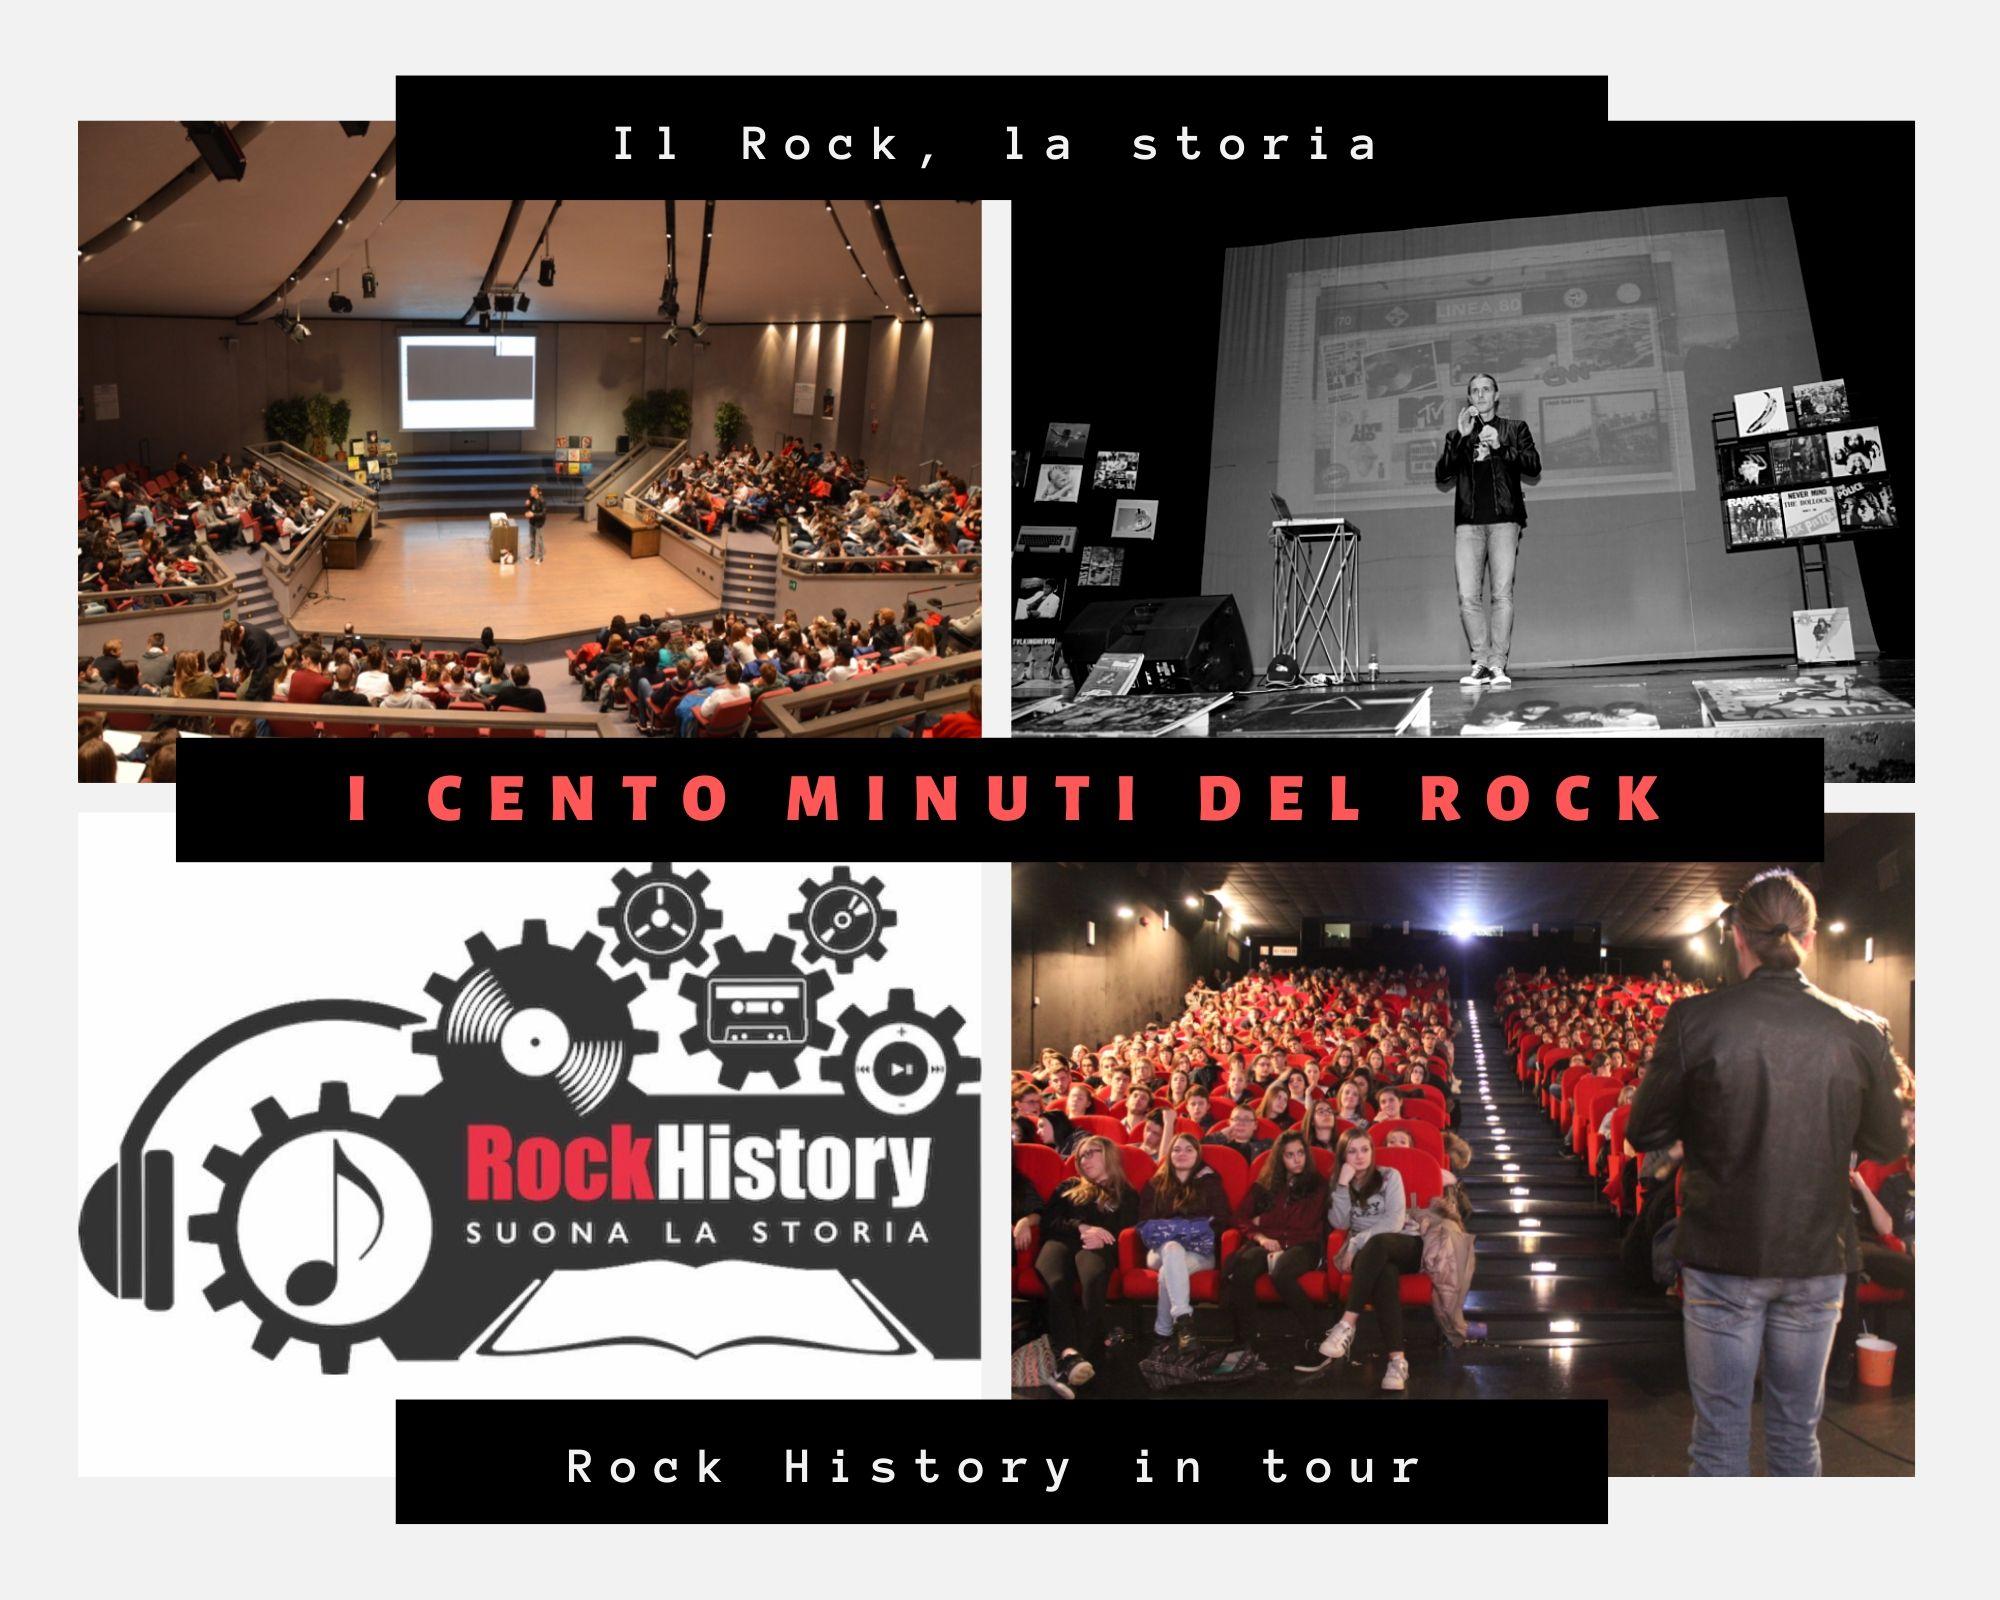 Il progetto Rock History è nato nel 2012  per parlare della storia degli ultimi 50 anni ai ragazzi delle scuole attraverso il Rock. Da quando è partito, Rock History non si è più fermato e oggi prende il via la campagna di crowdfunding per far arrivare il progetto in tutta Italia.